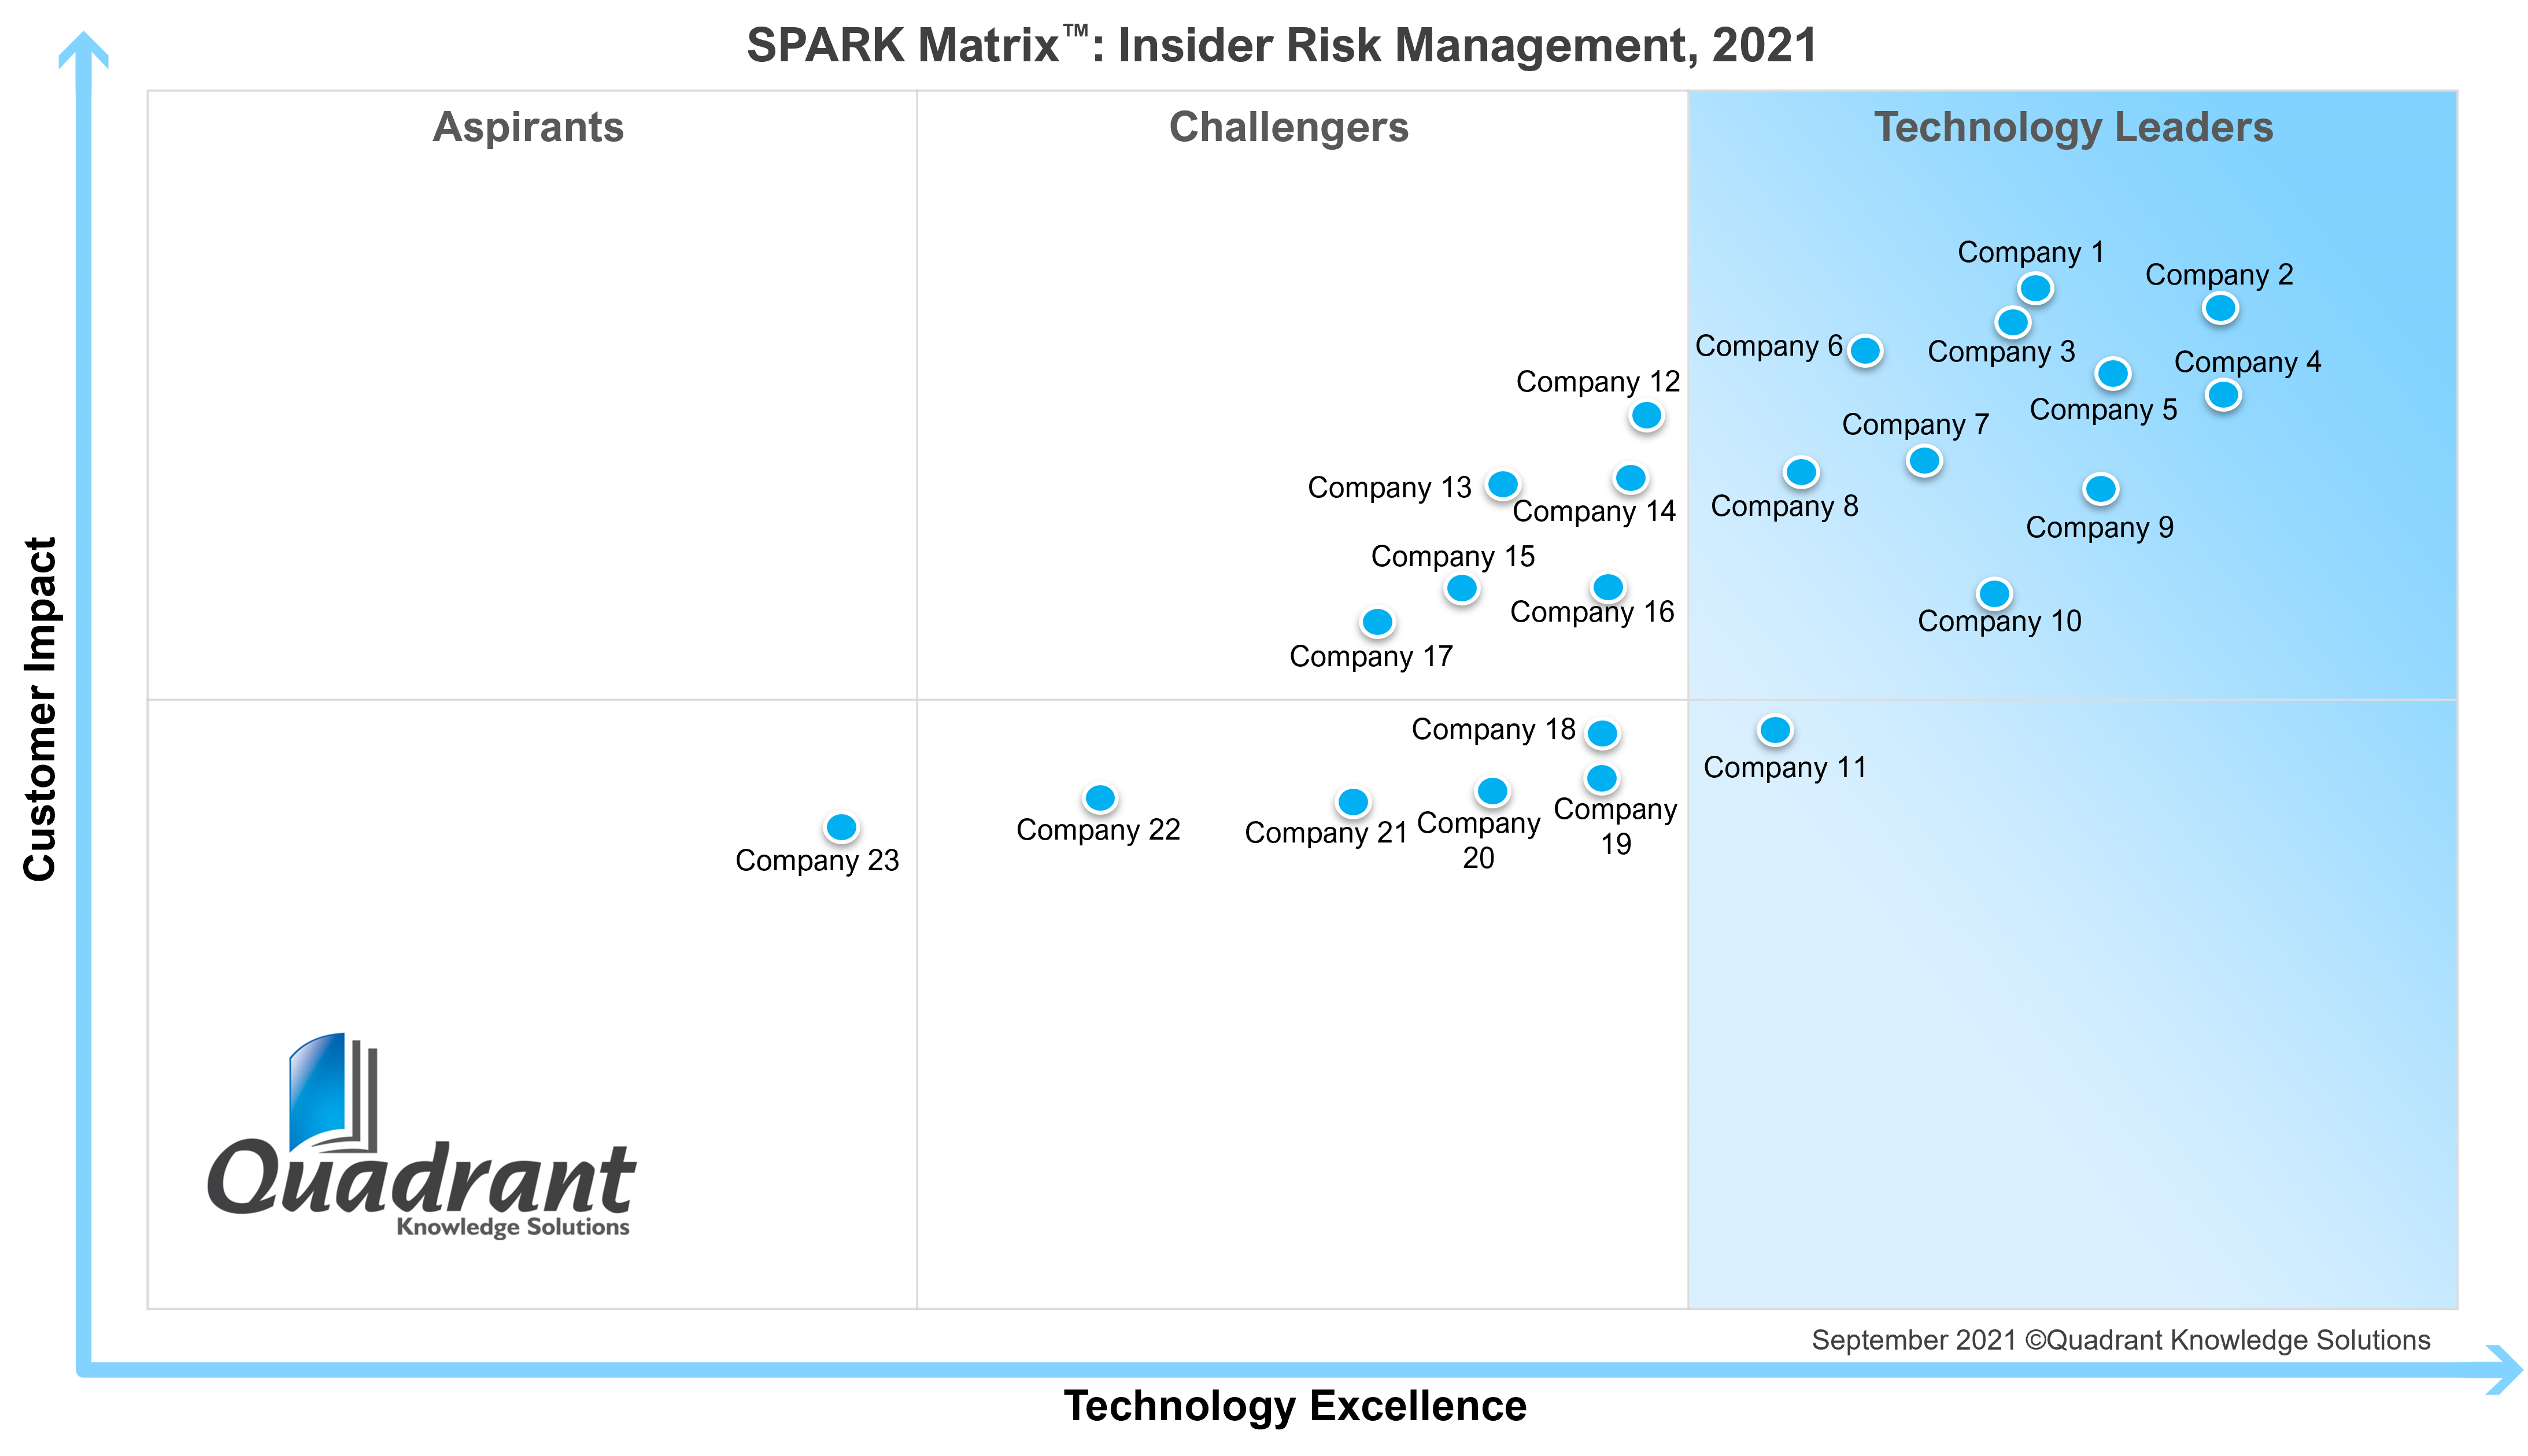 Insider Risk Management_SPARK Matrix_2021